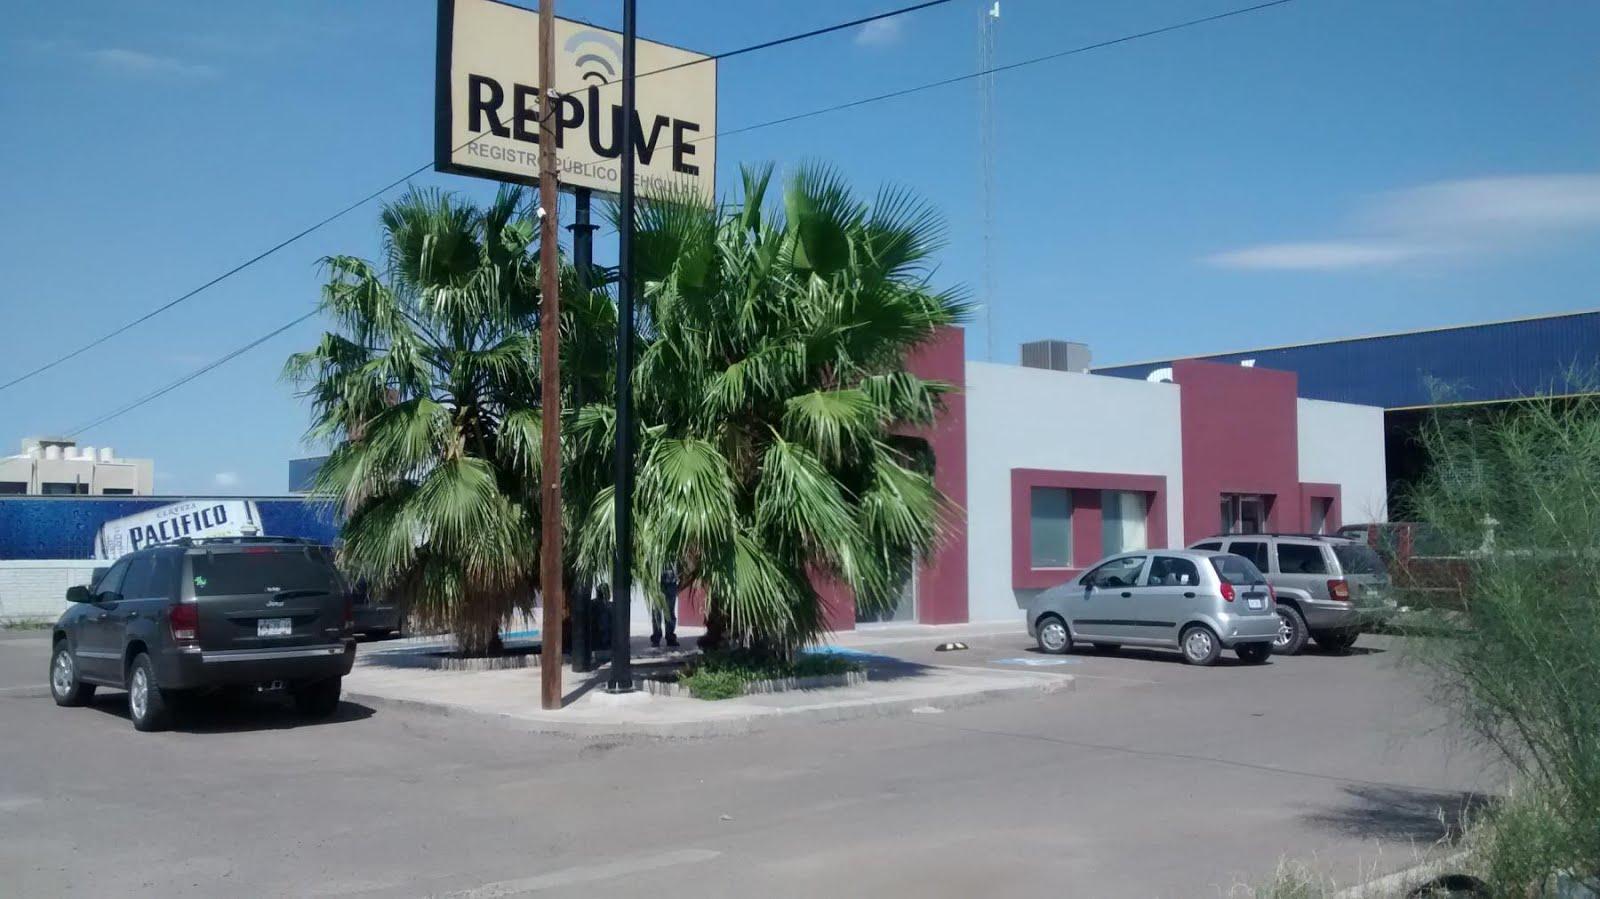 Repuve gratis en Torreon registro de automoviles en modulo